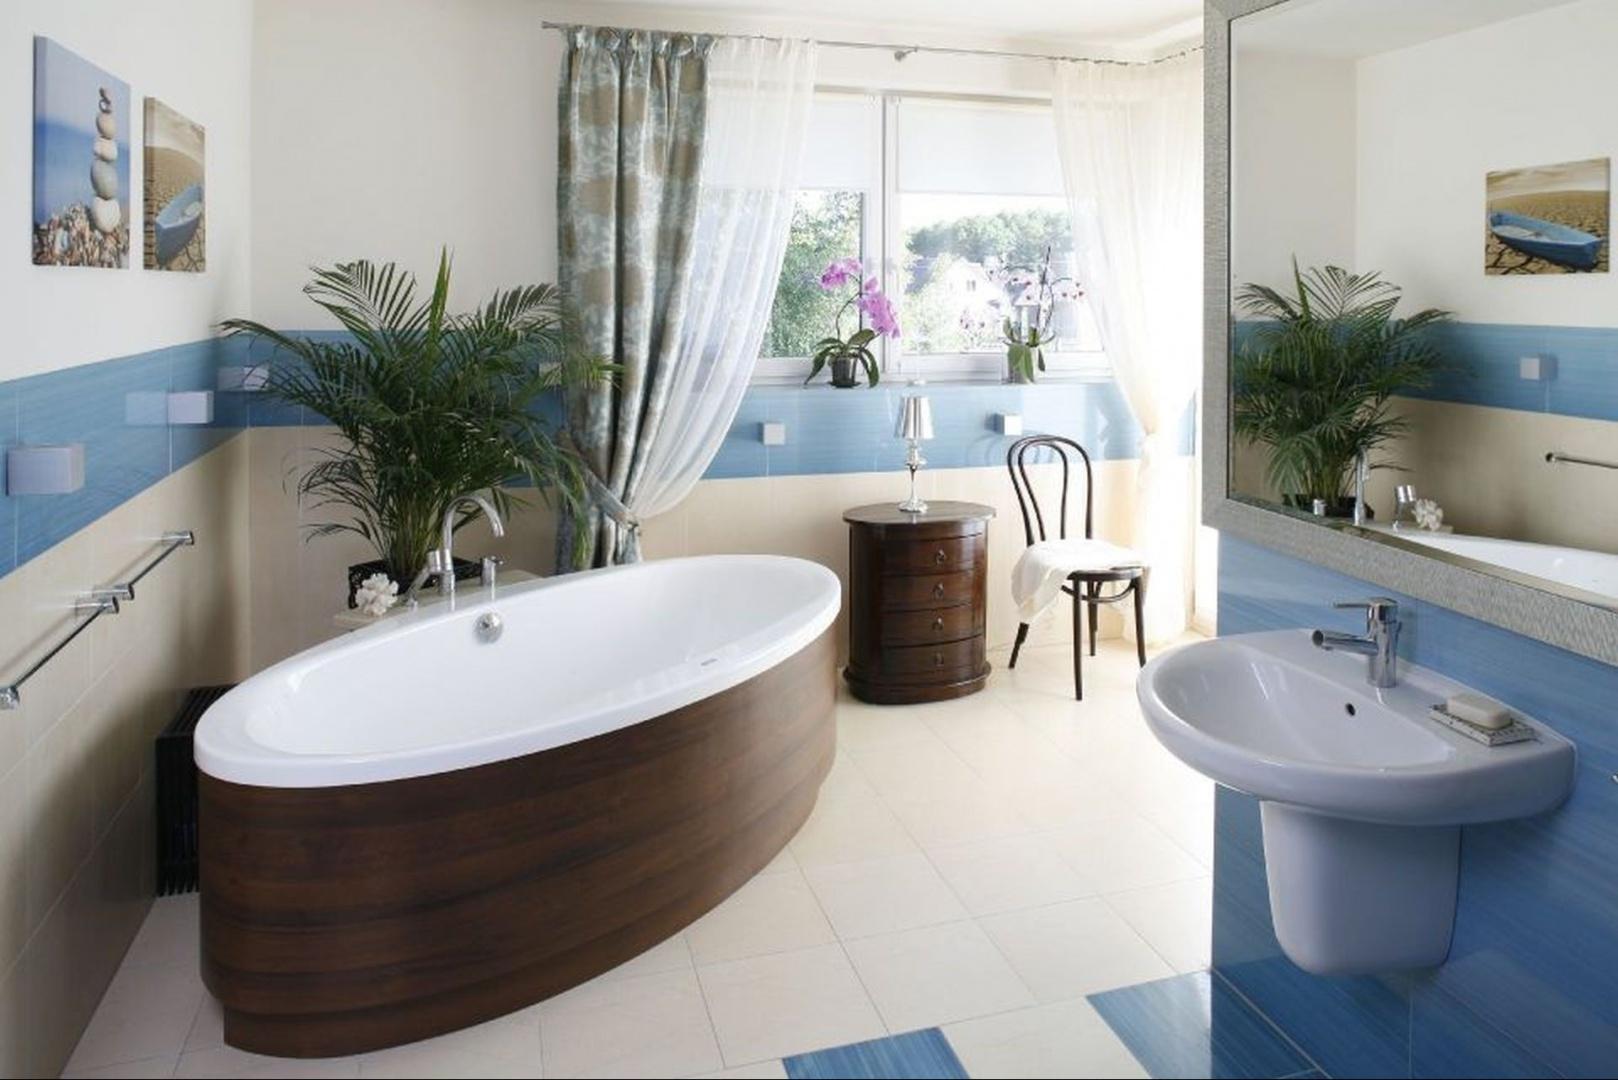 Ściany i podłogę łazienki wyłożono płytkami Ceramiki Paradyż – intensywny błękit i łagodny beż stworzyły tu wyjątkowo udany duet, stając się przy okazji idealnym tłem dla apetycznego w barwie drewna. Projekt Marta Kruk. Fot. Bartosz Jarosz.